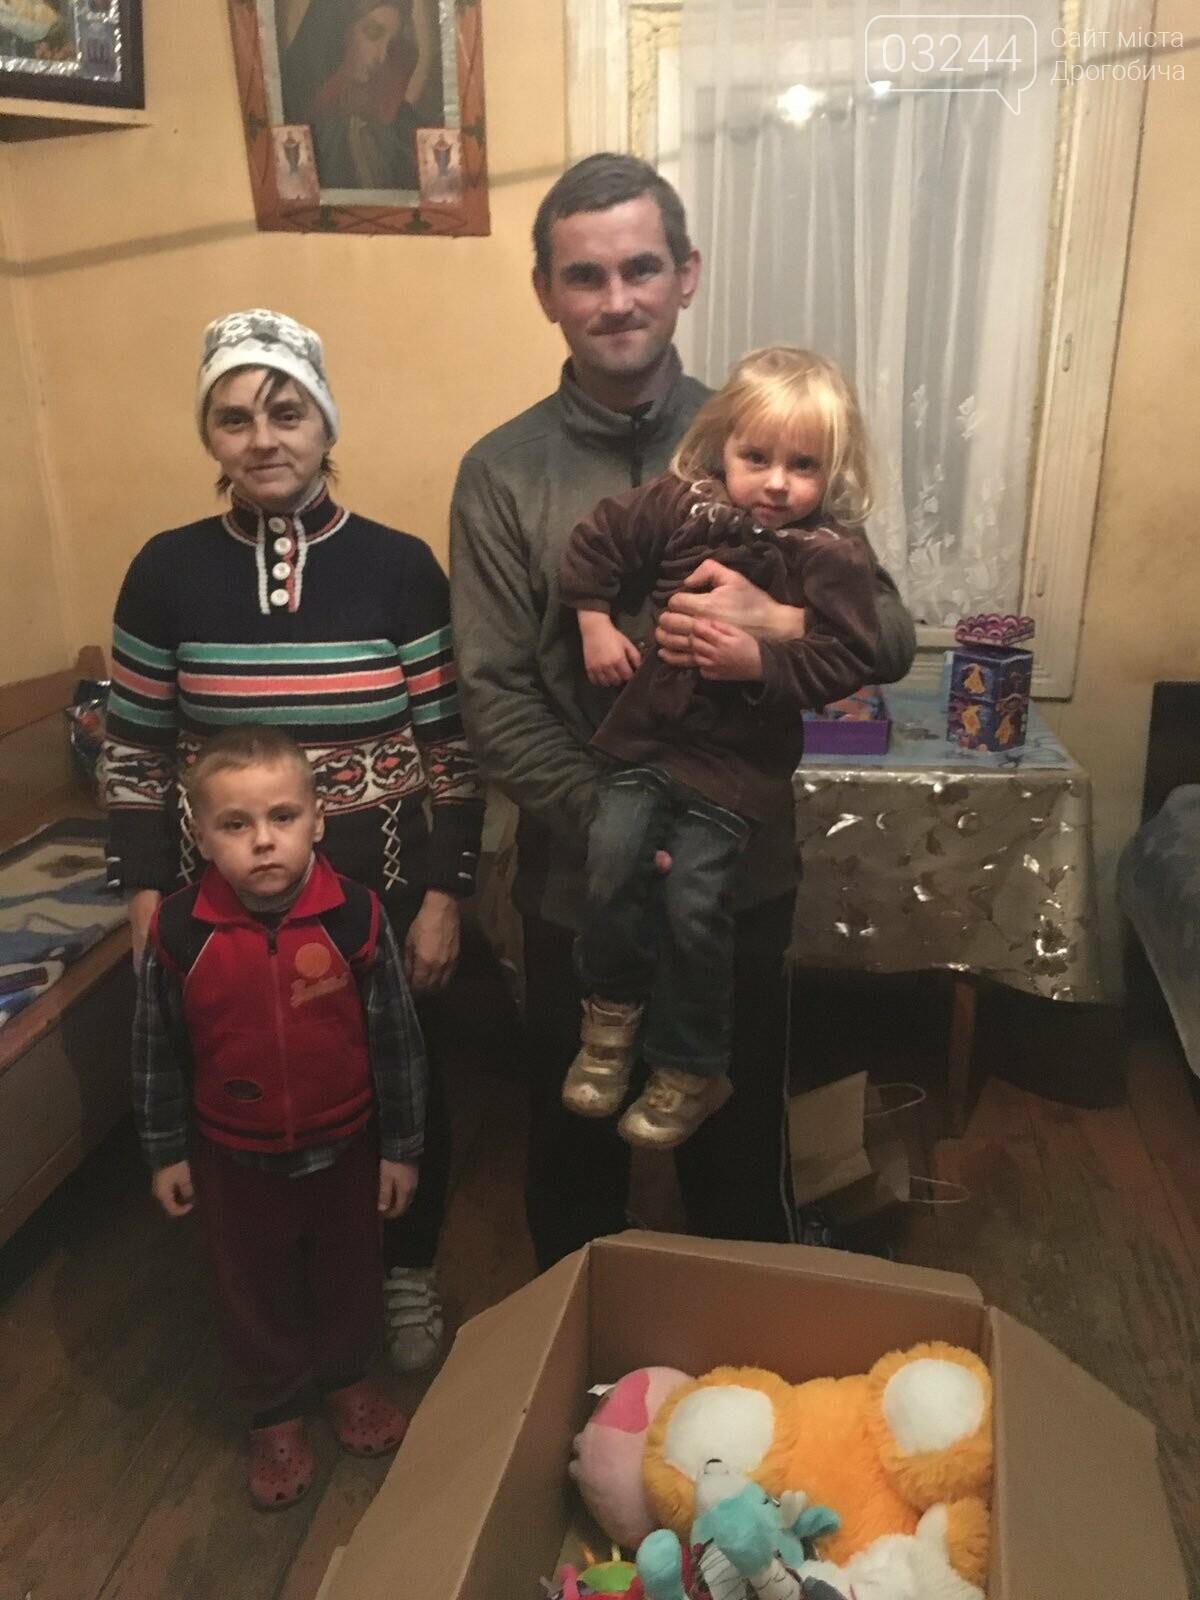 «Є сім'ї, які потребують не дорогих телефонів, а їжі та одягу», - Катя Максимова про благочинну акцію для потребуючих родин, фото-8